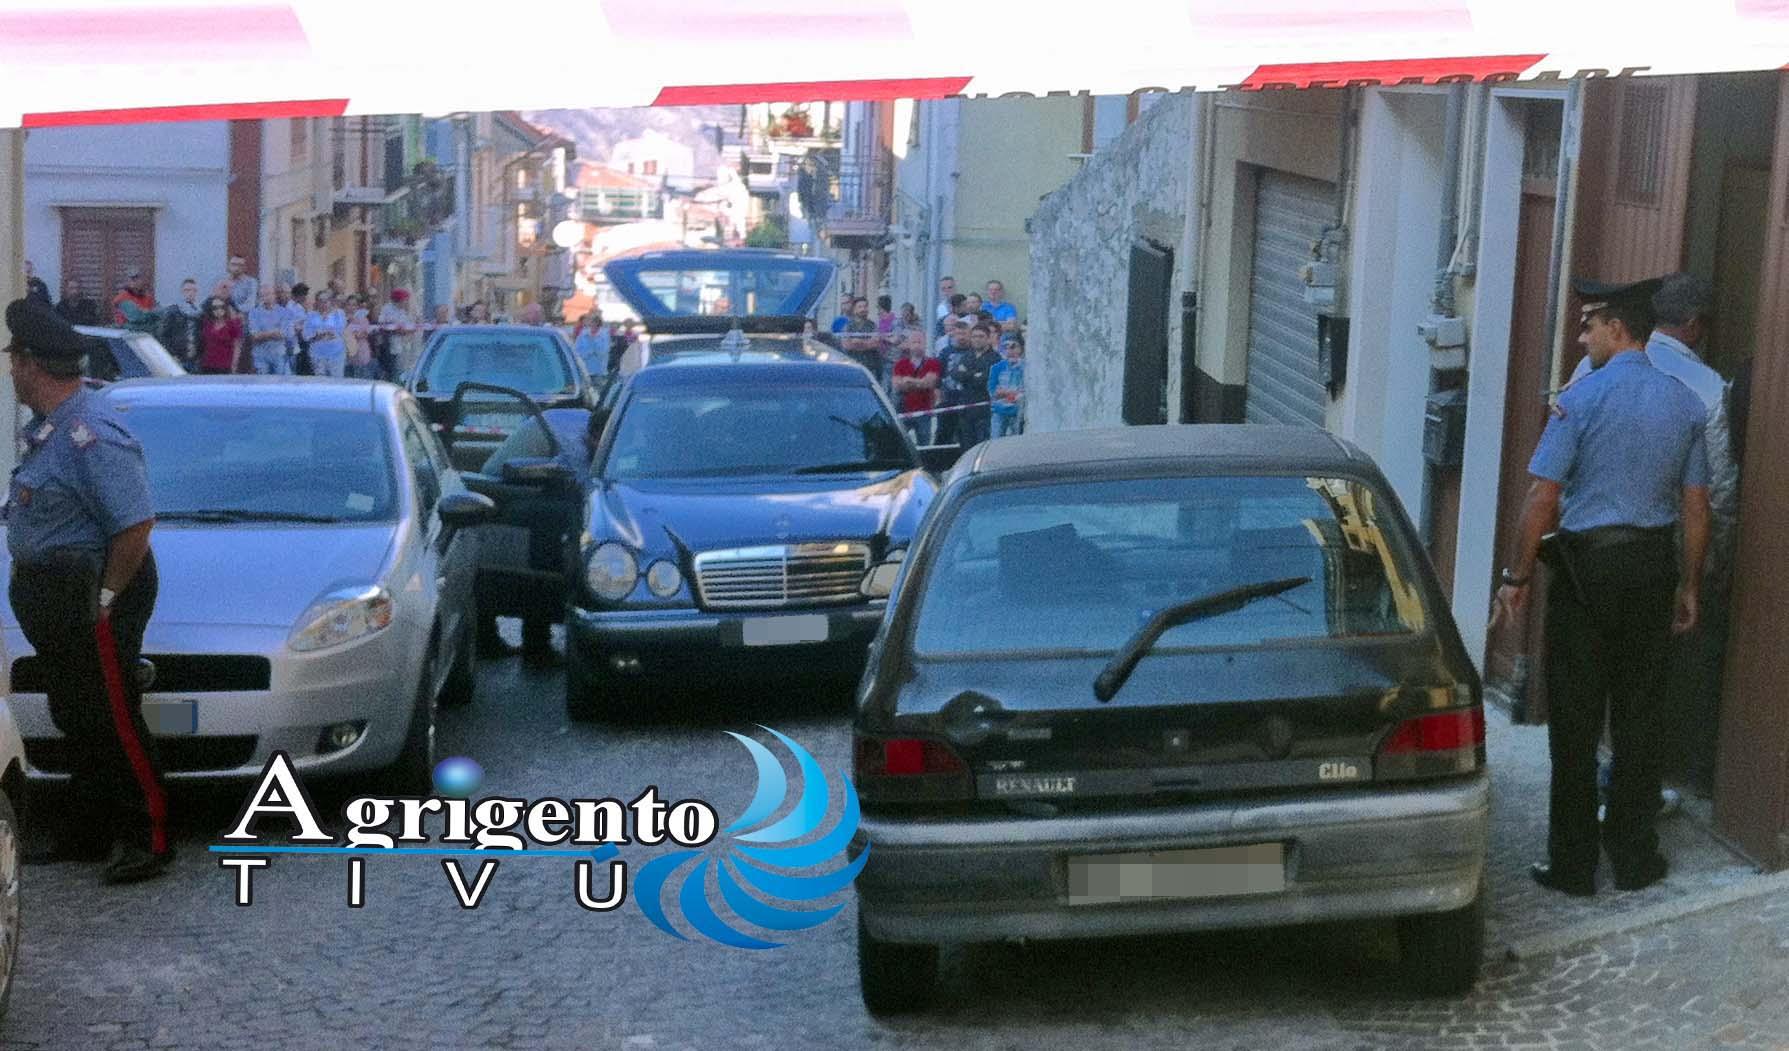 Omicidio-Suicidio a San Giovanni Gemini